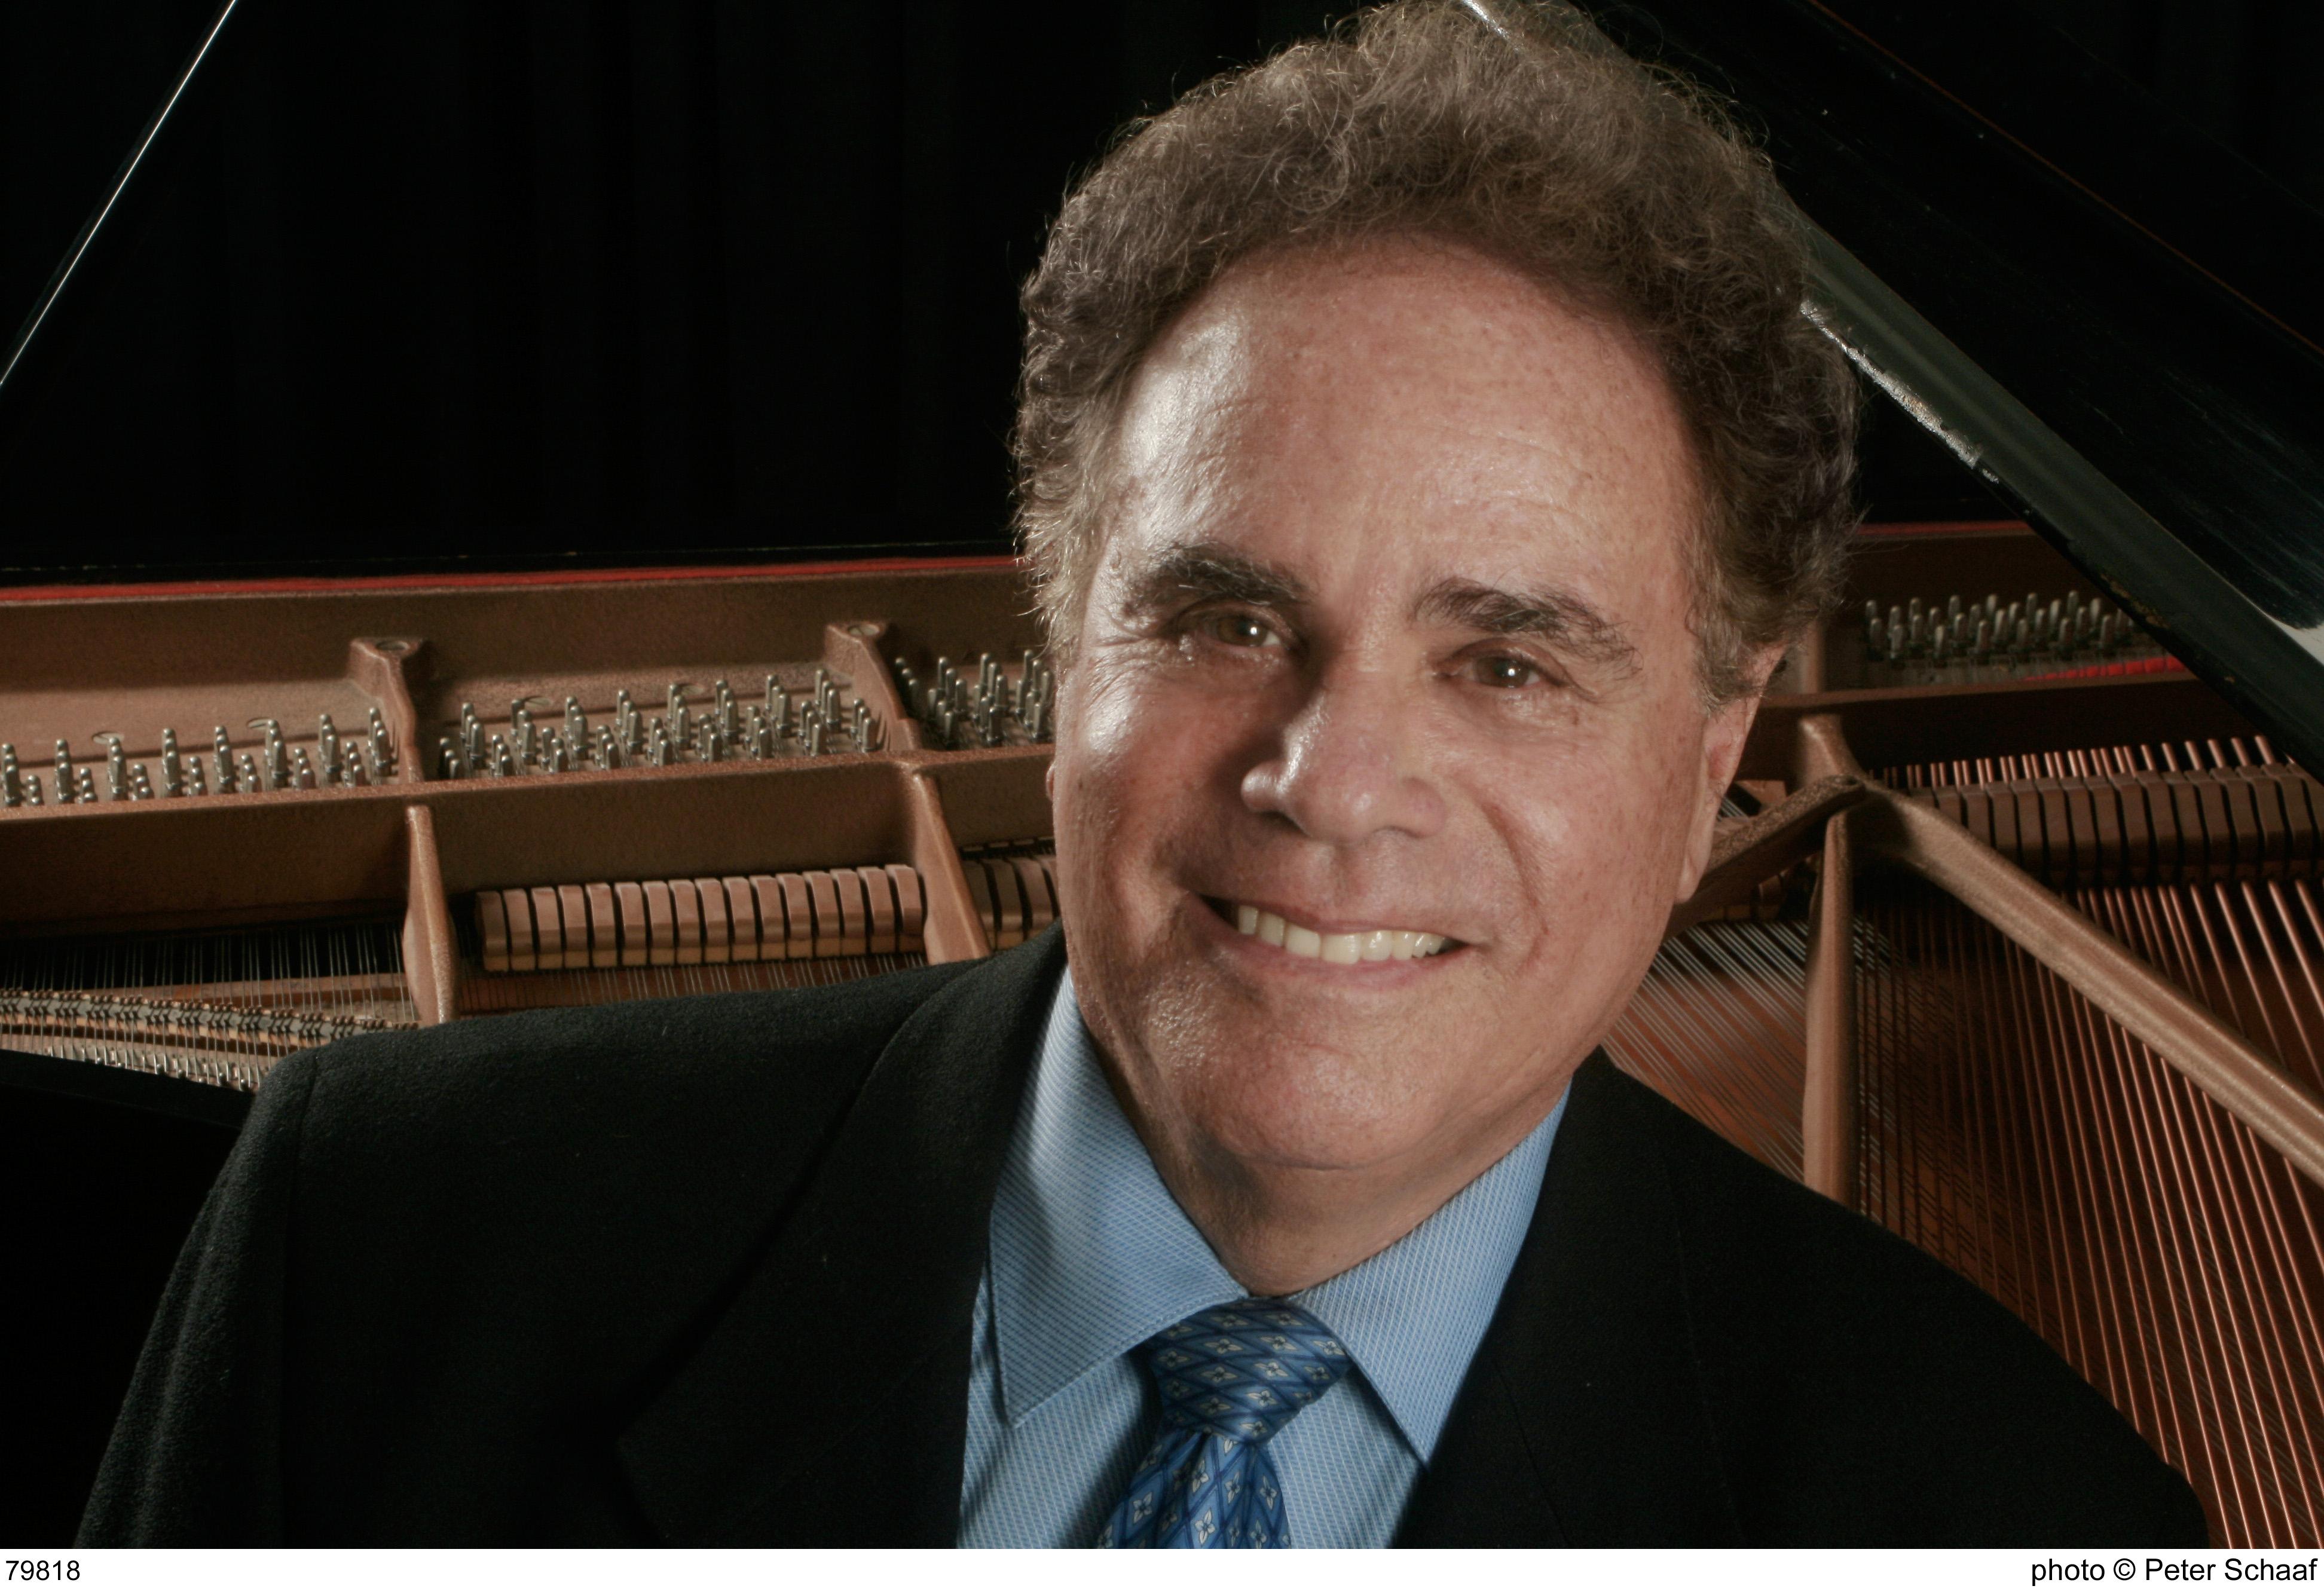 MSA - Pianist Jeffrey Siegel